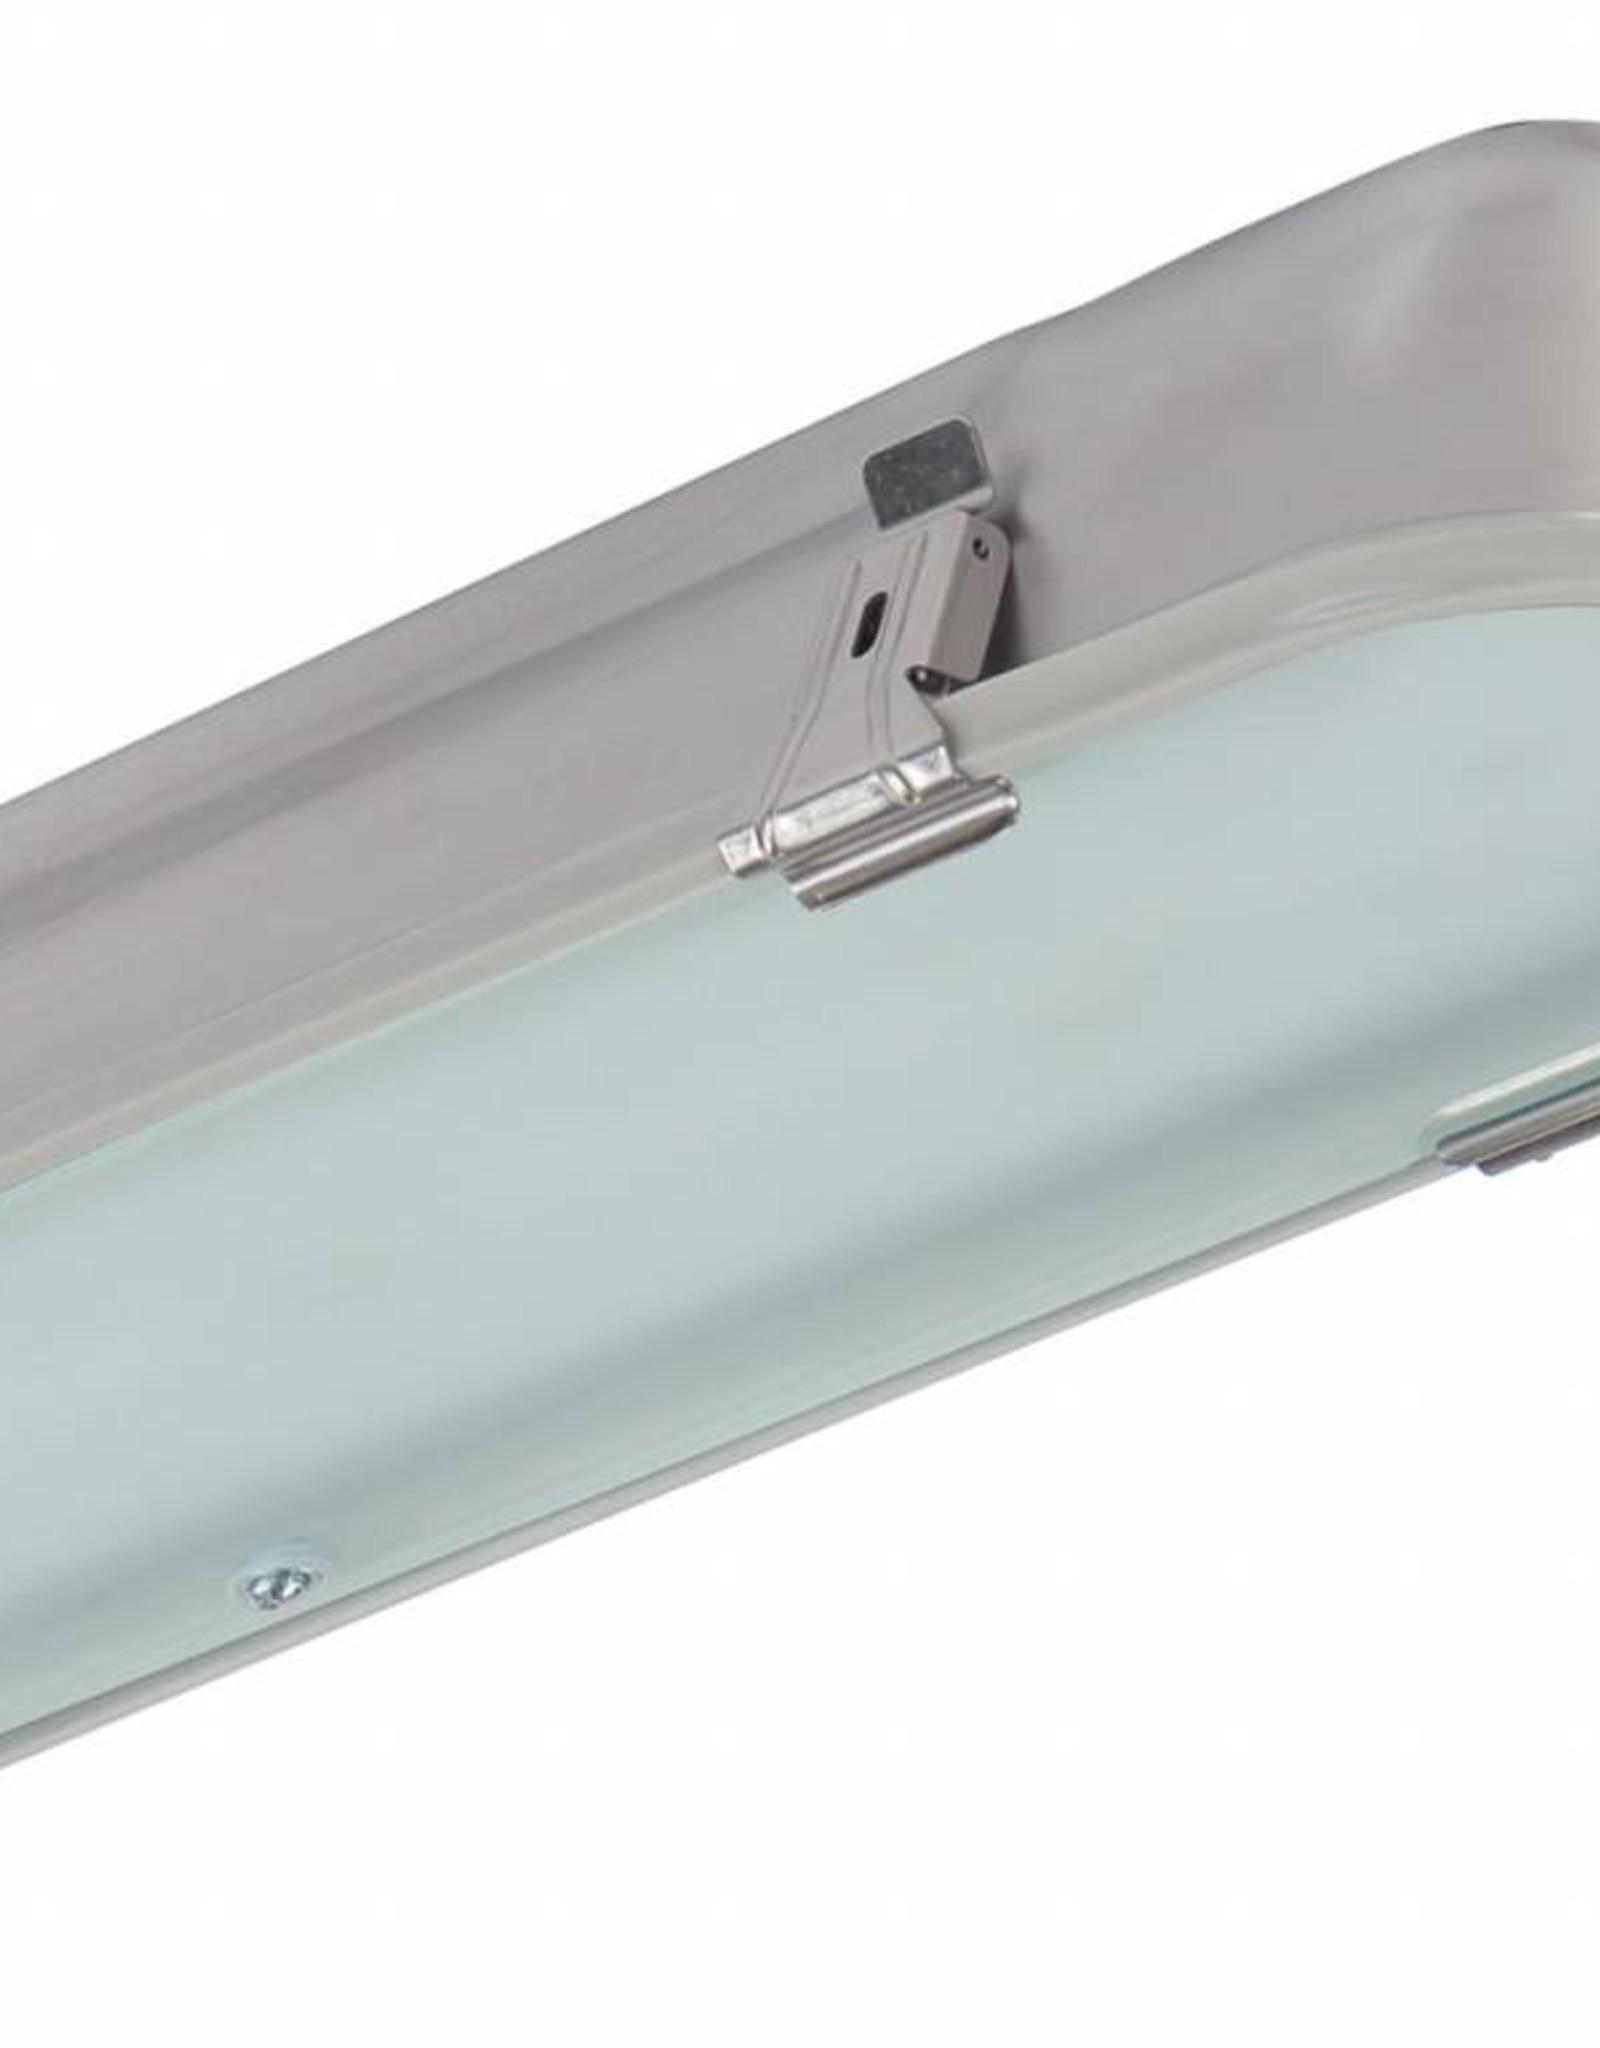 PERUN LED 2.4 Ft 5200/840